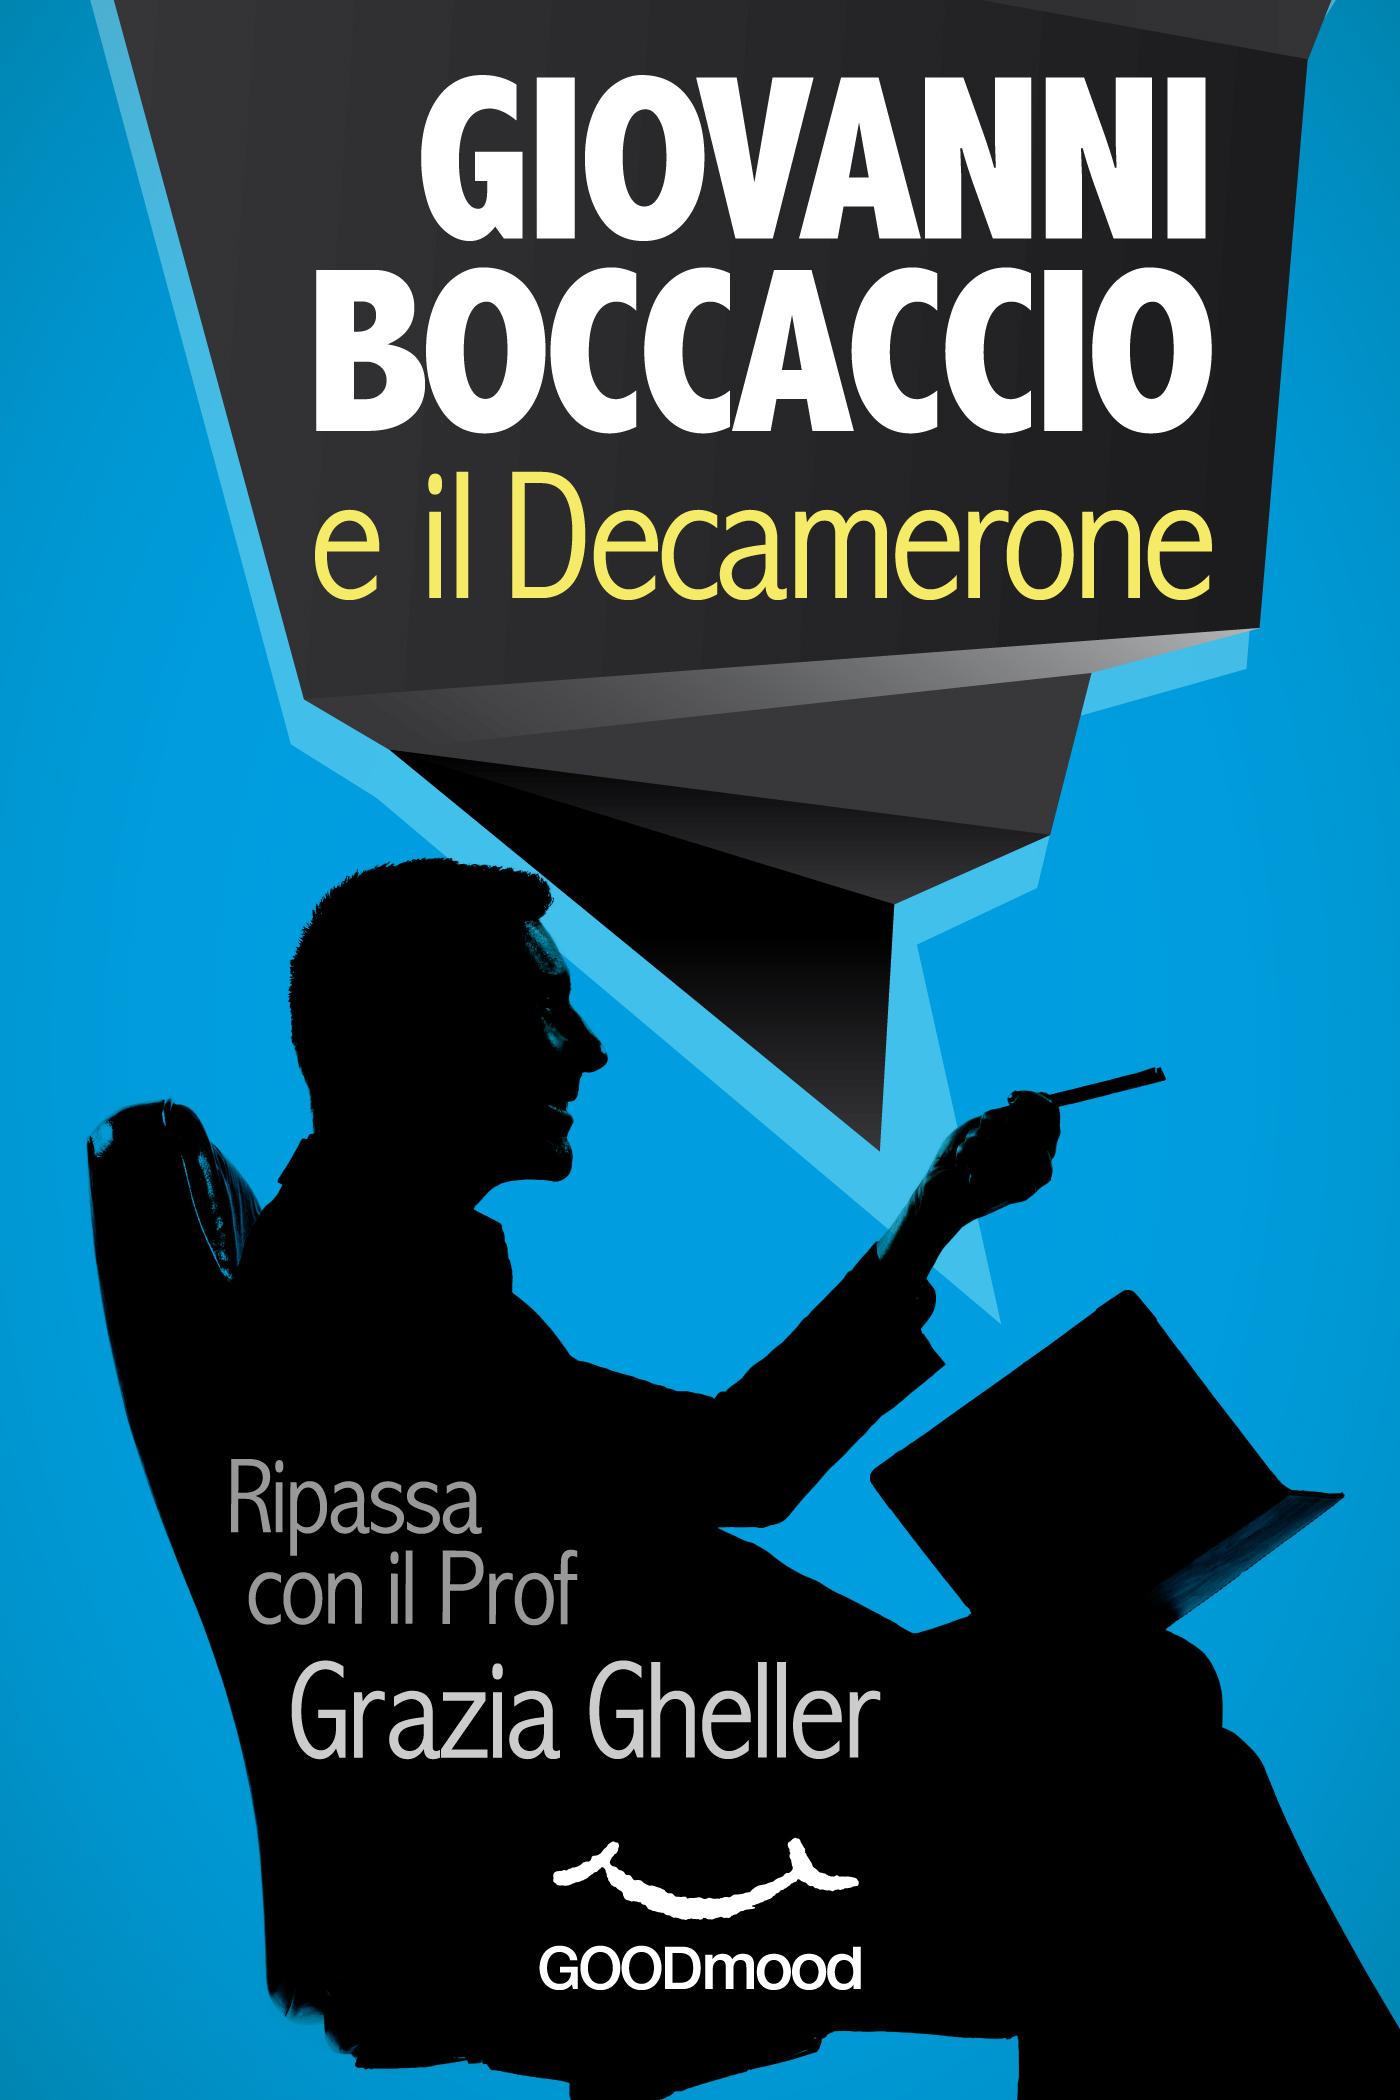 Giovanni Boccaccio e il Decamerone.-0